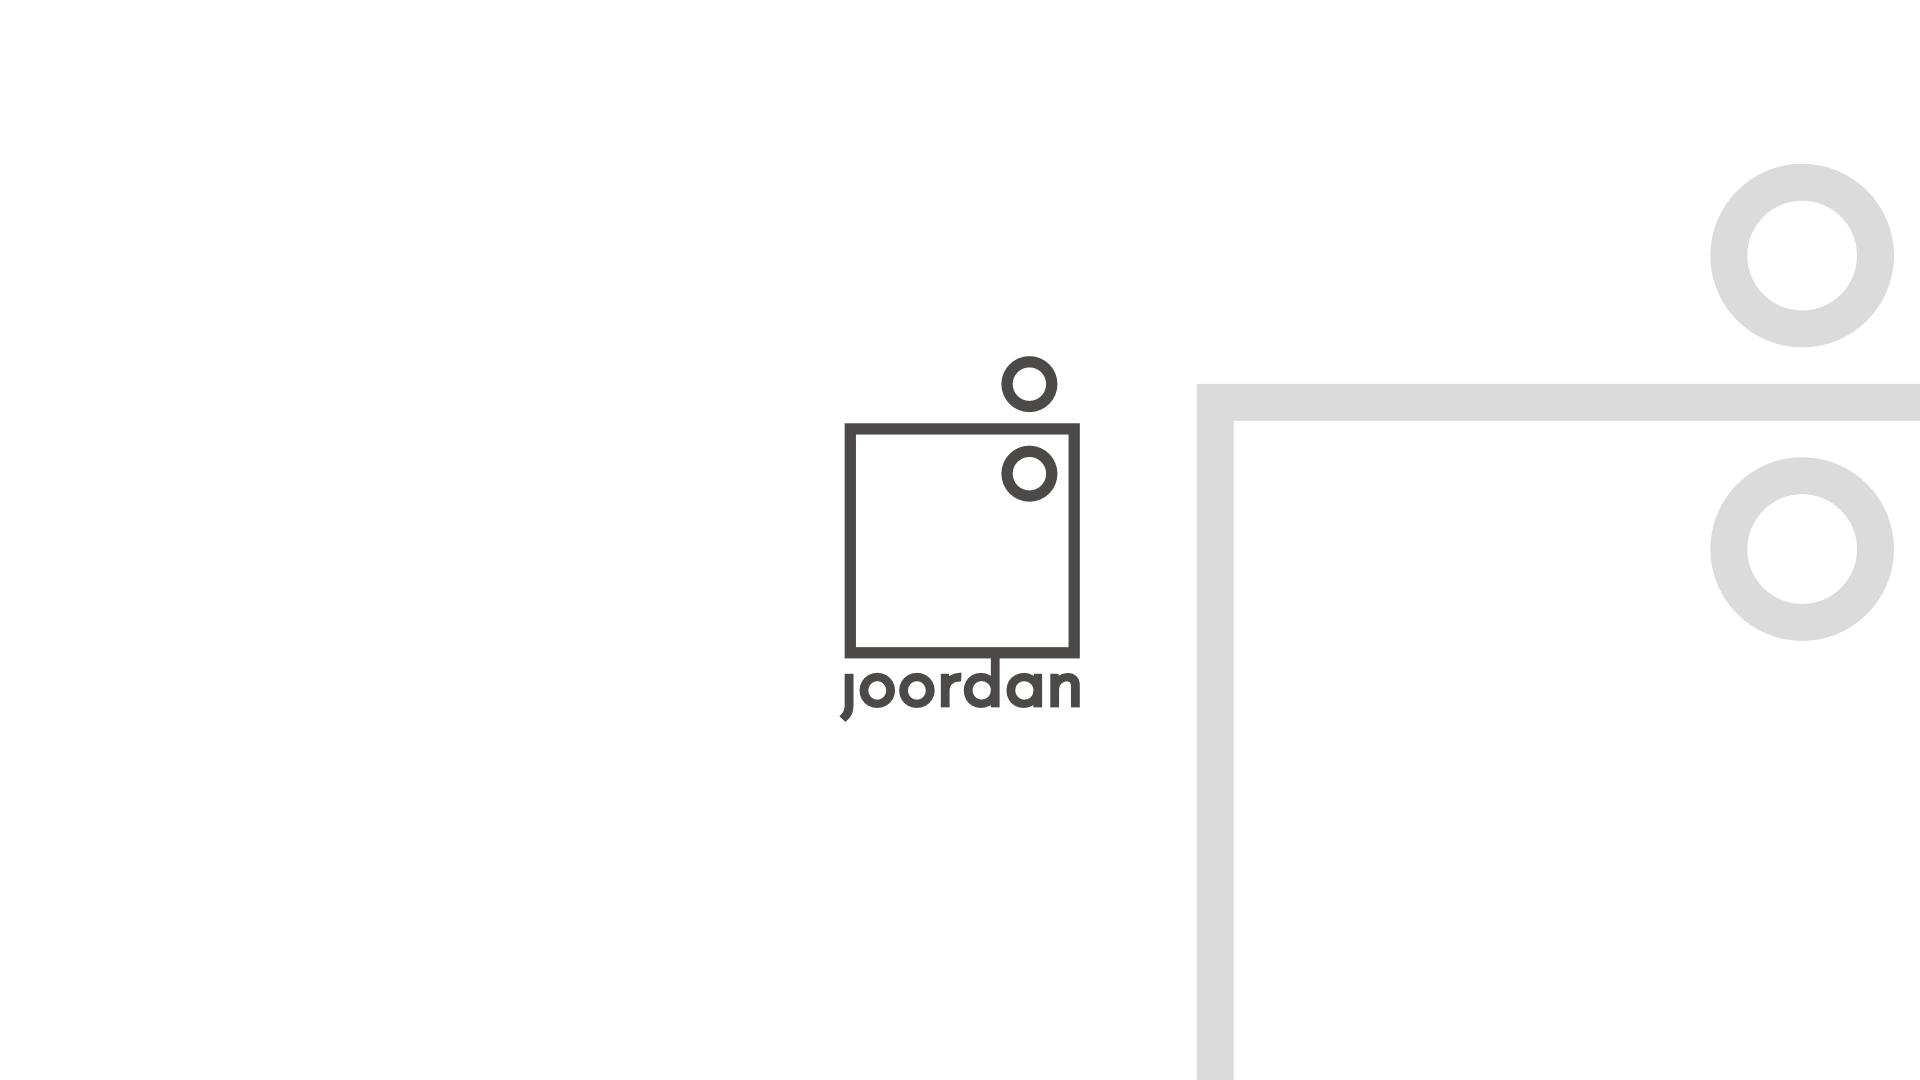 joordan_logo_showcase.png